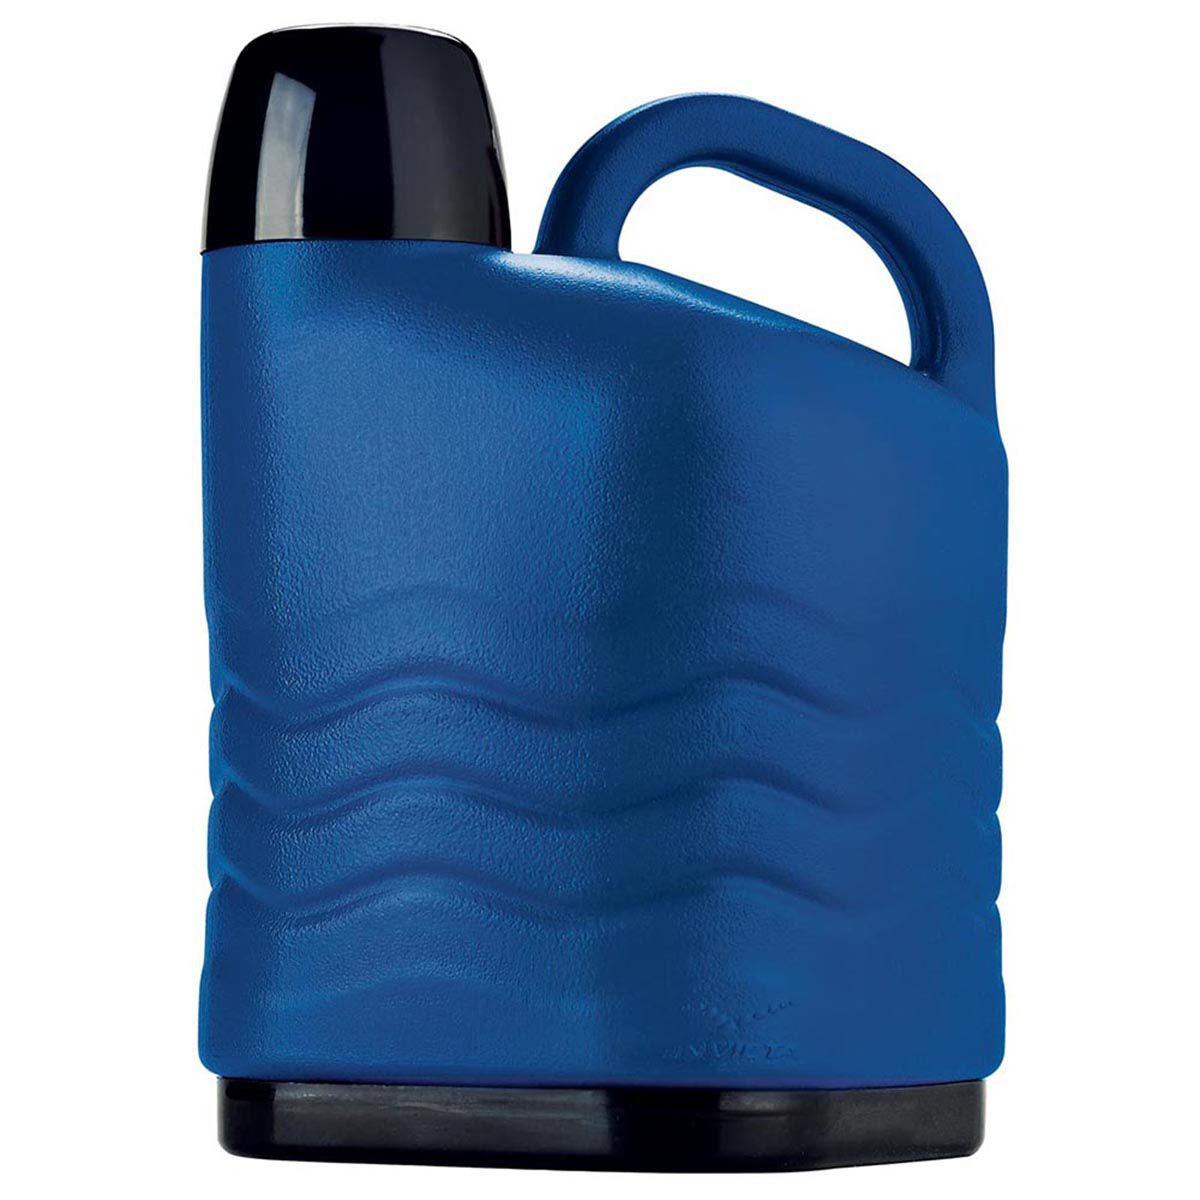 Garrafa Térmica  5 Litros Azul - Invicta